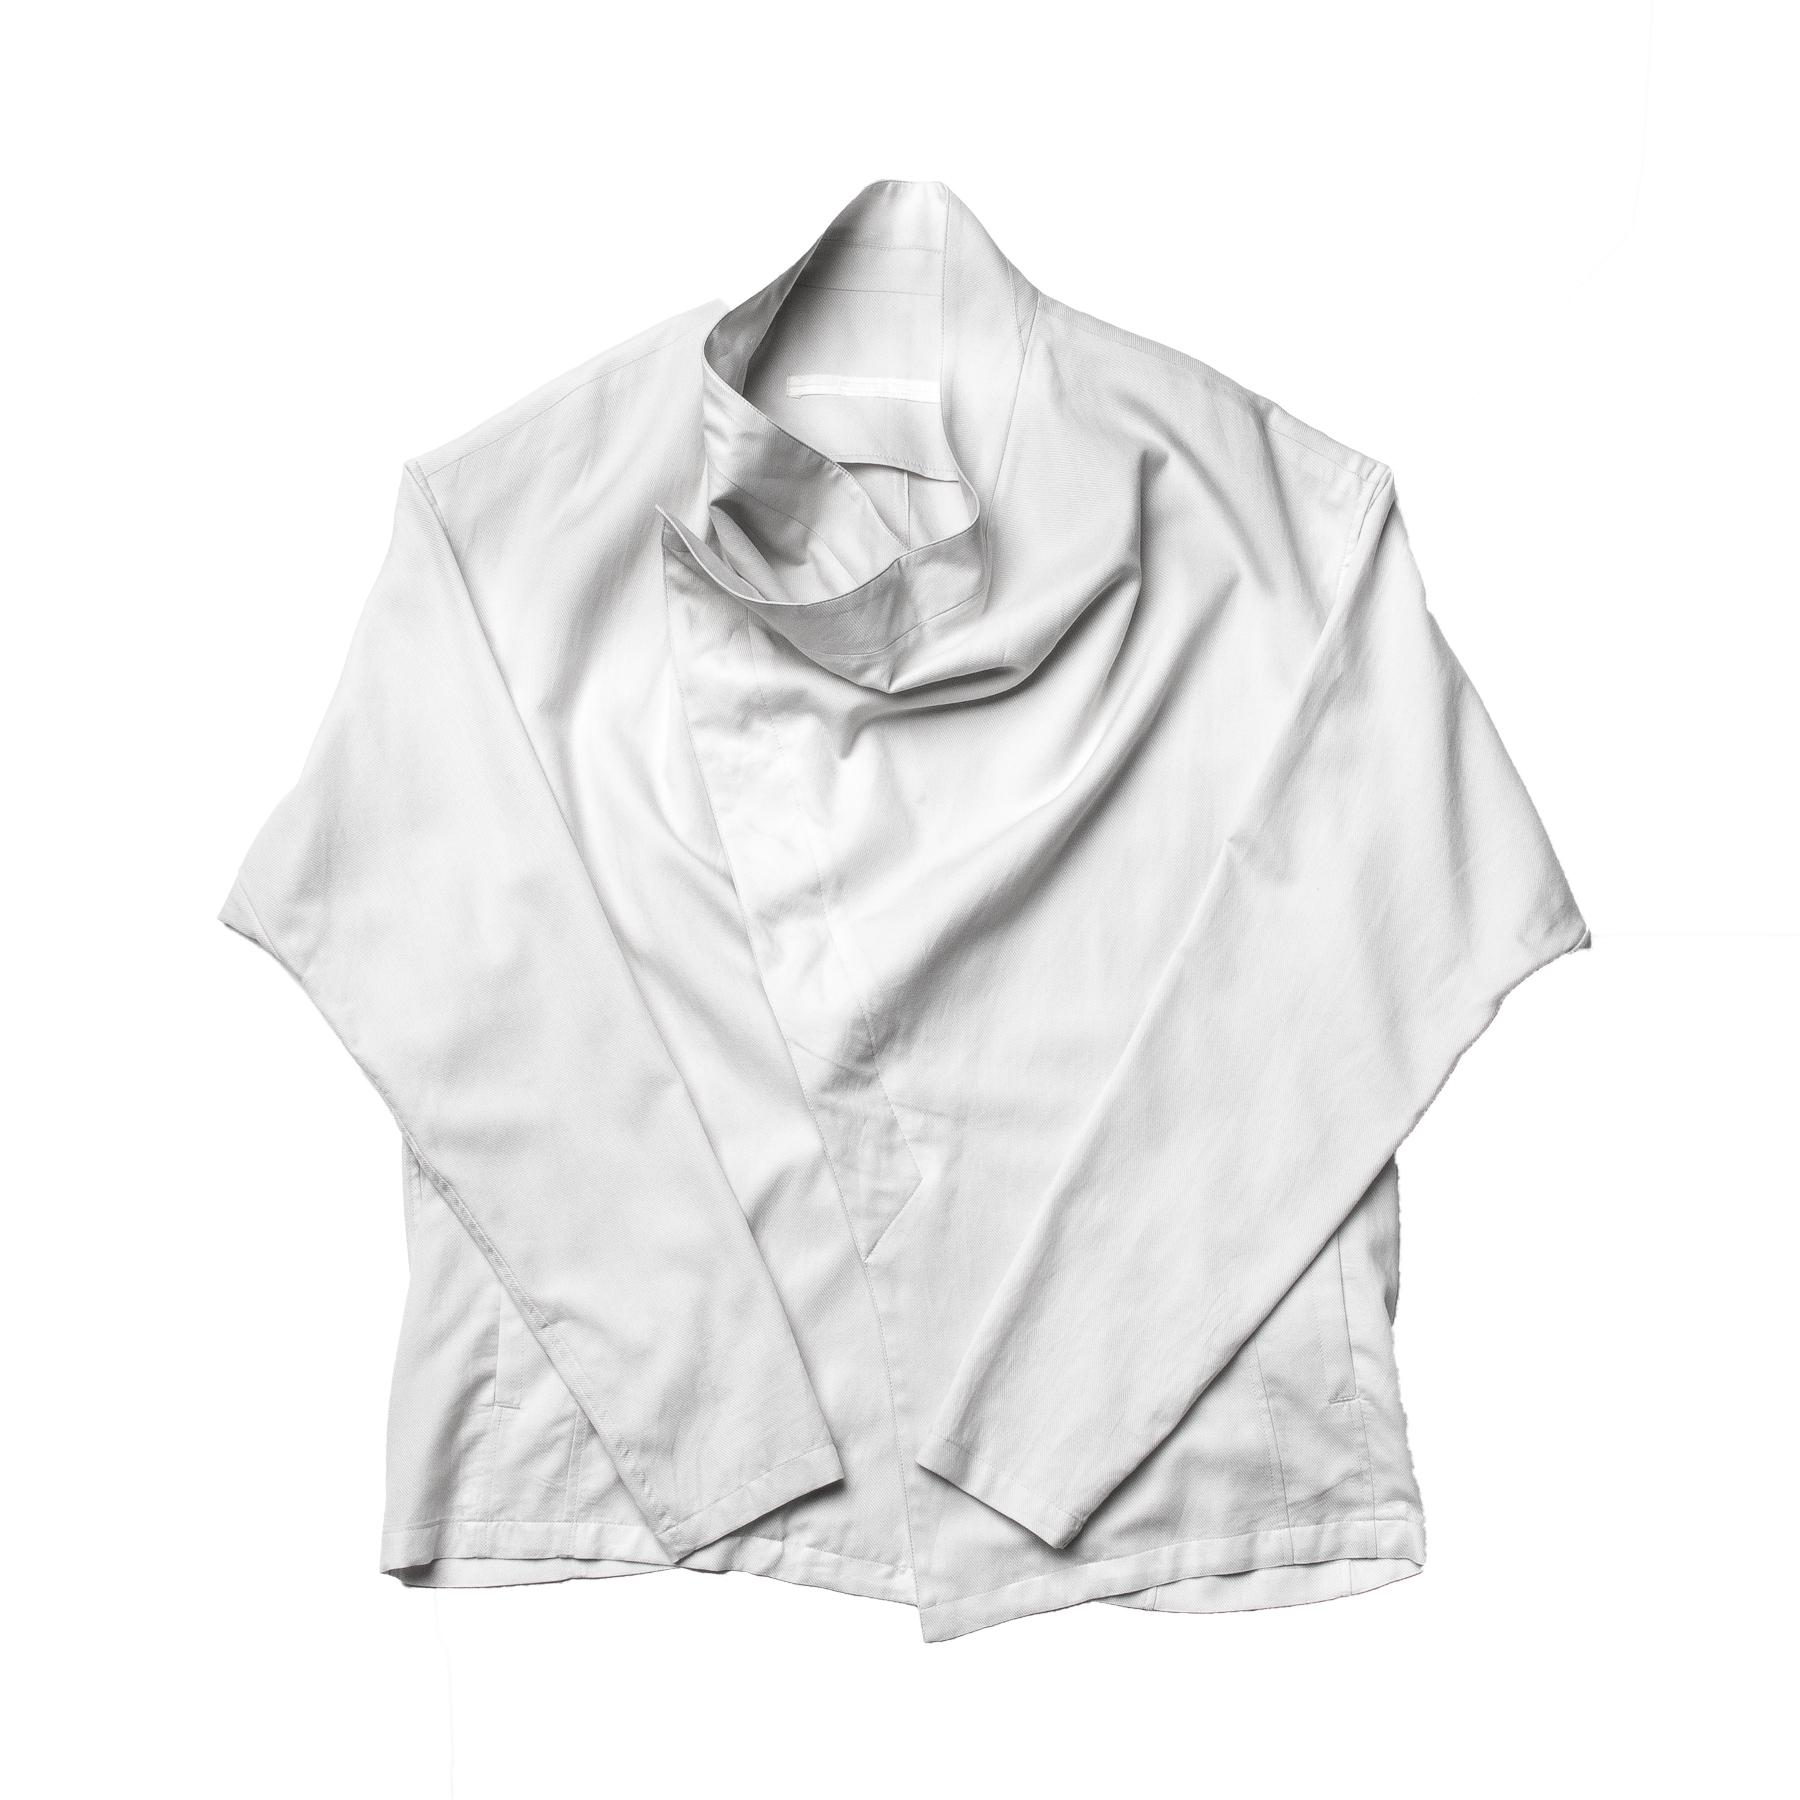 627SHM1-PLASTER / カバードシャツ